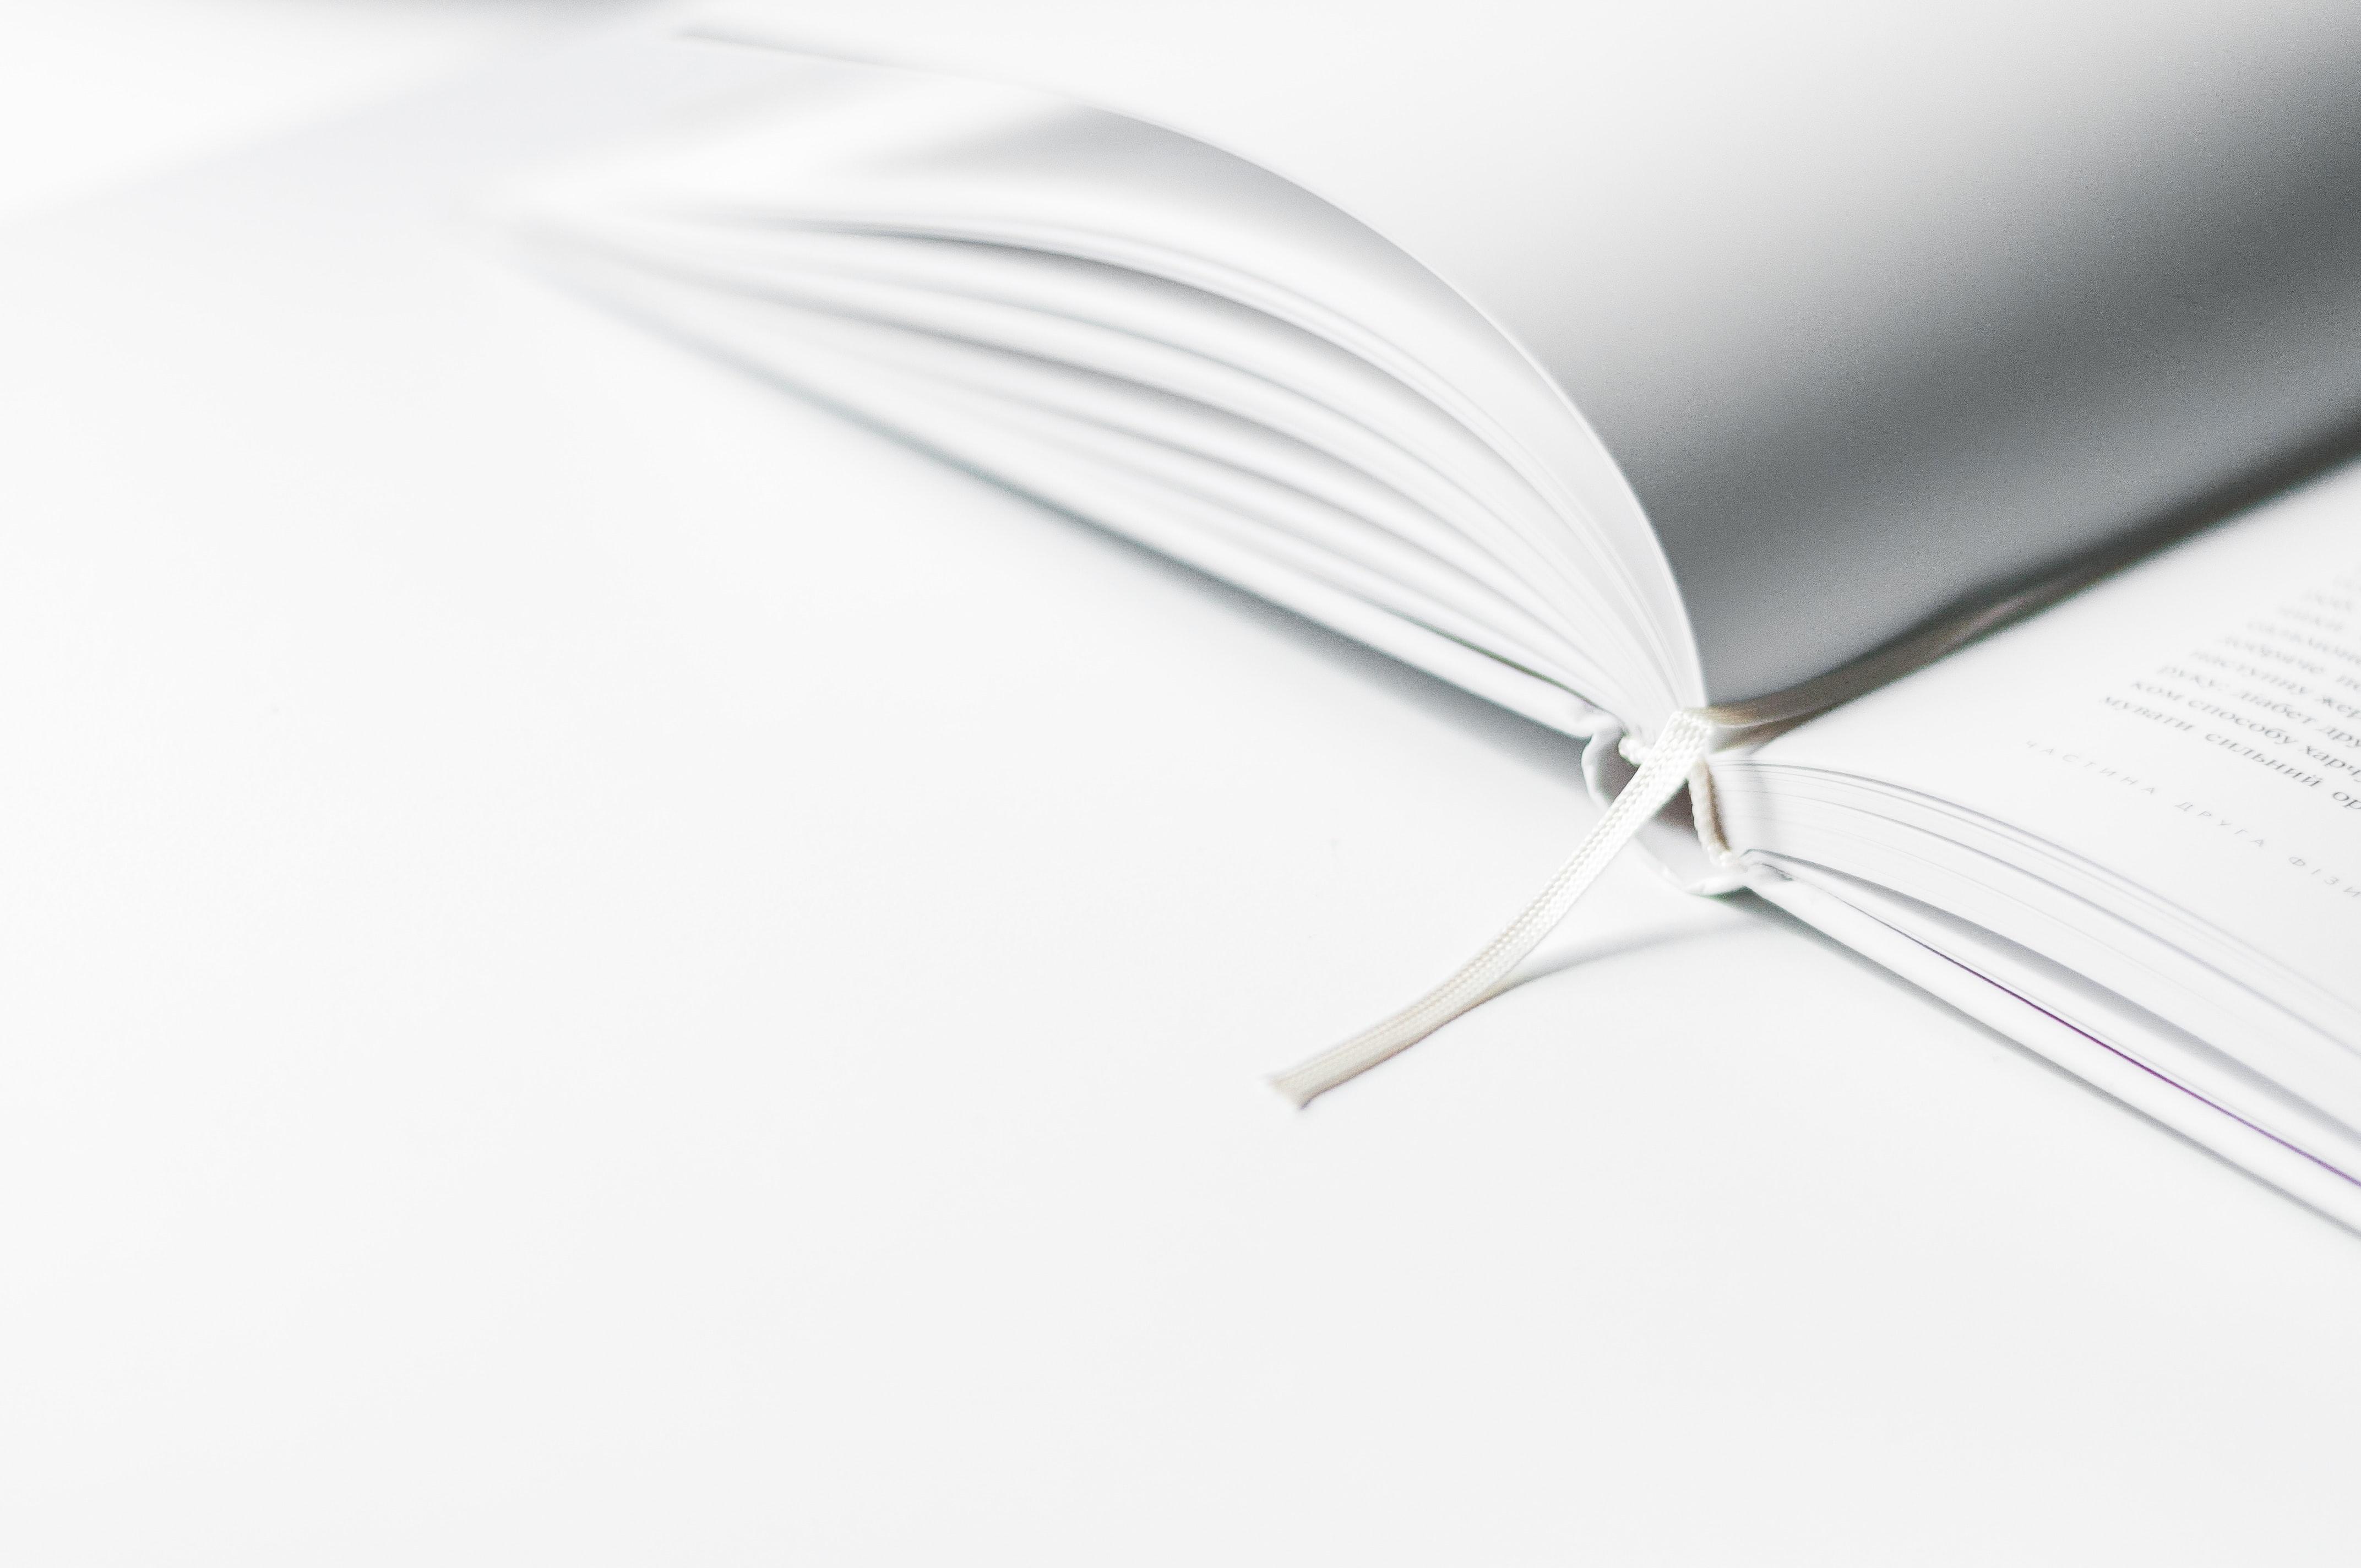 Professional Communication: Publishing